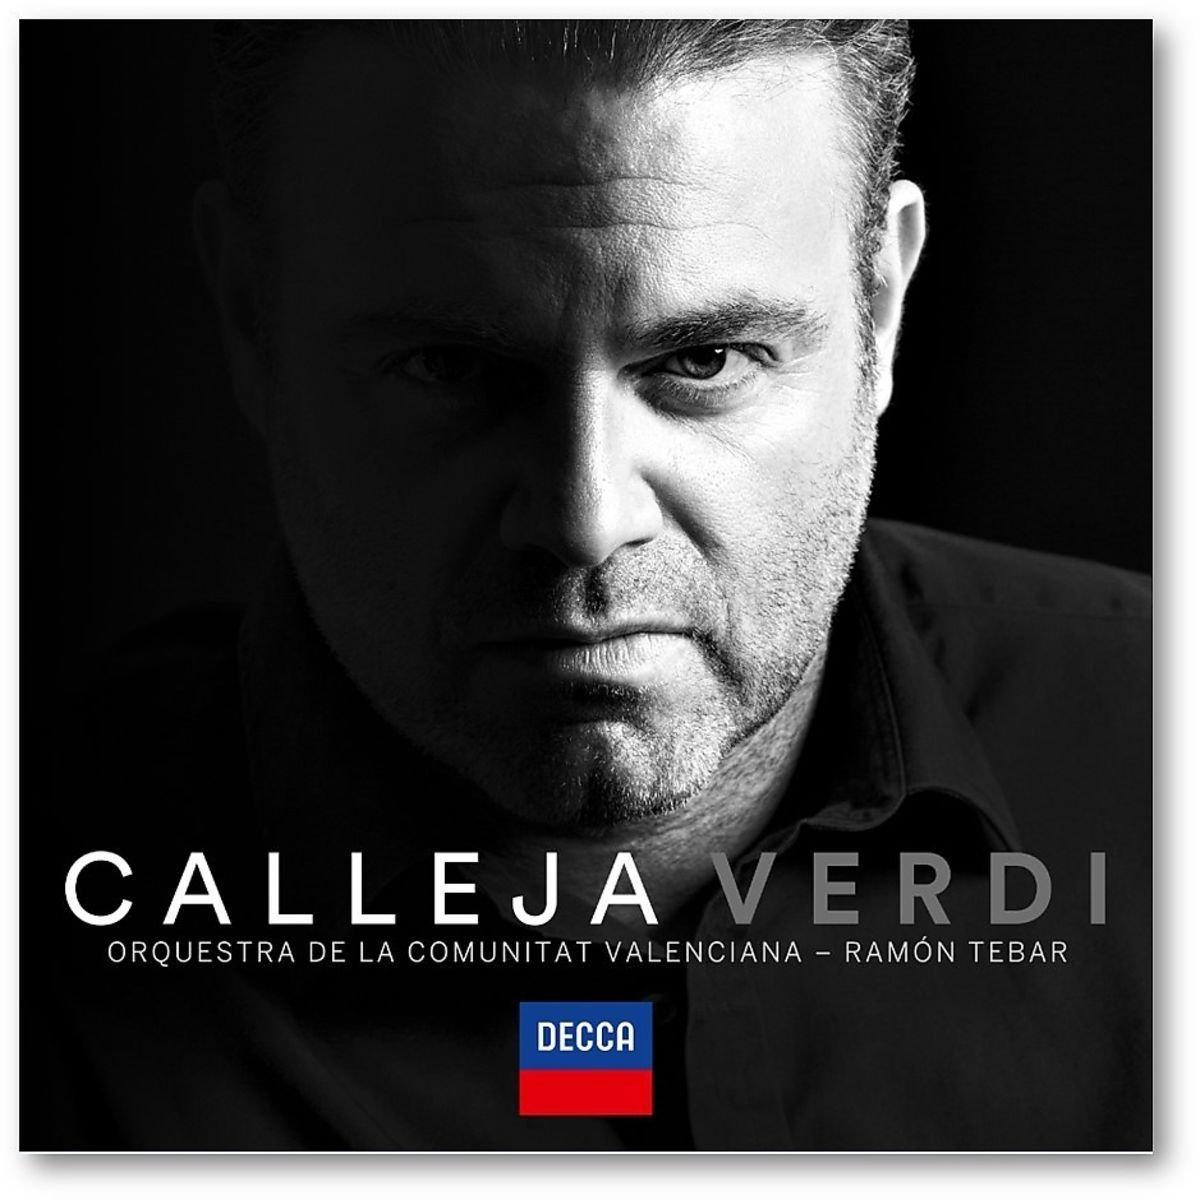 Joseph Calleja: Verdi  Decca